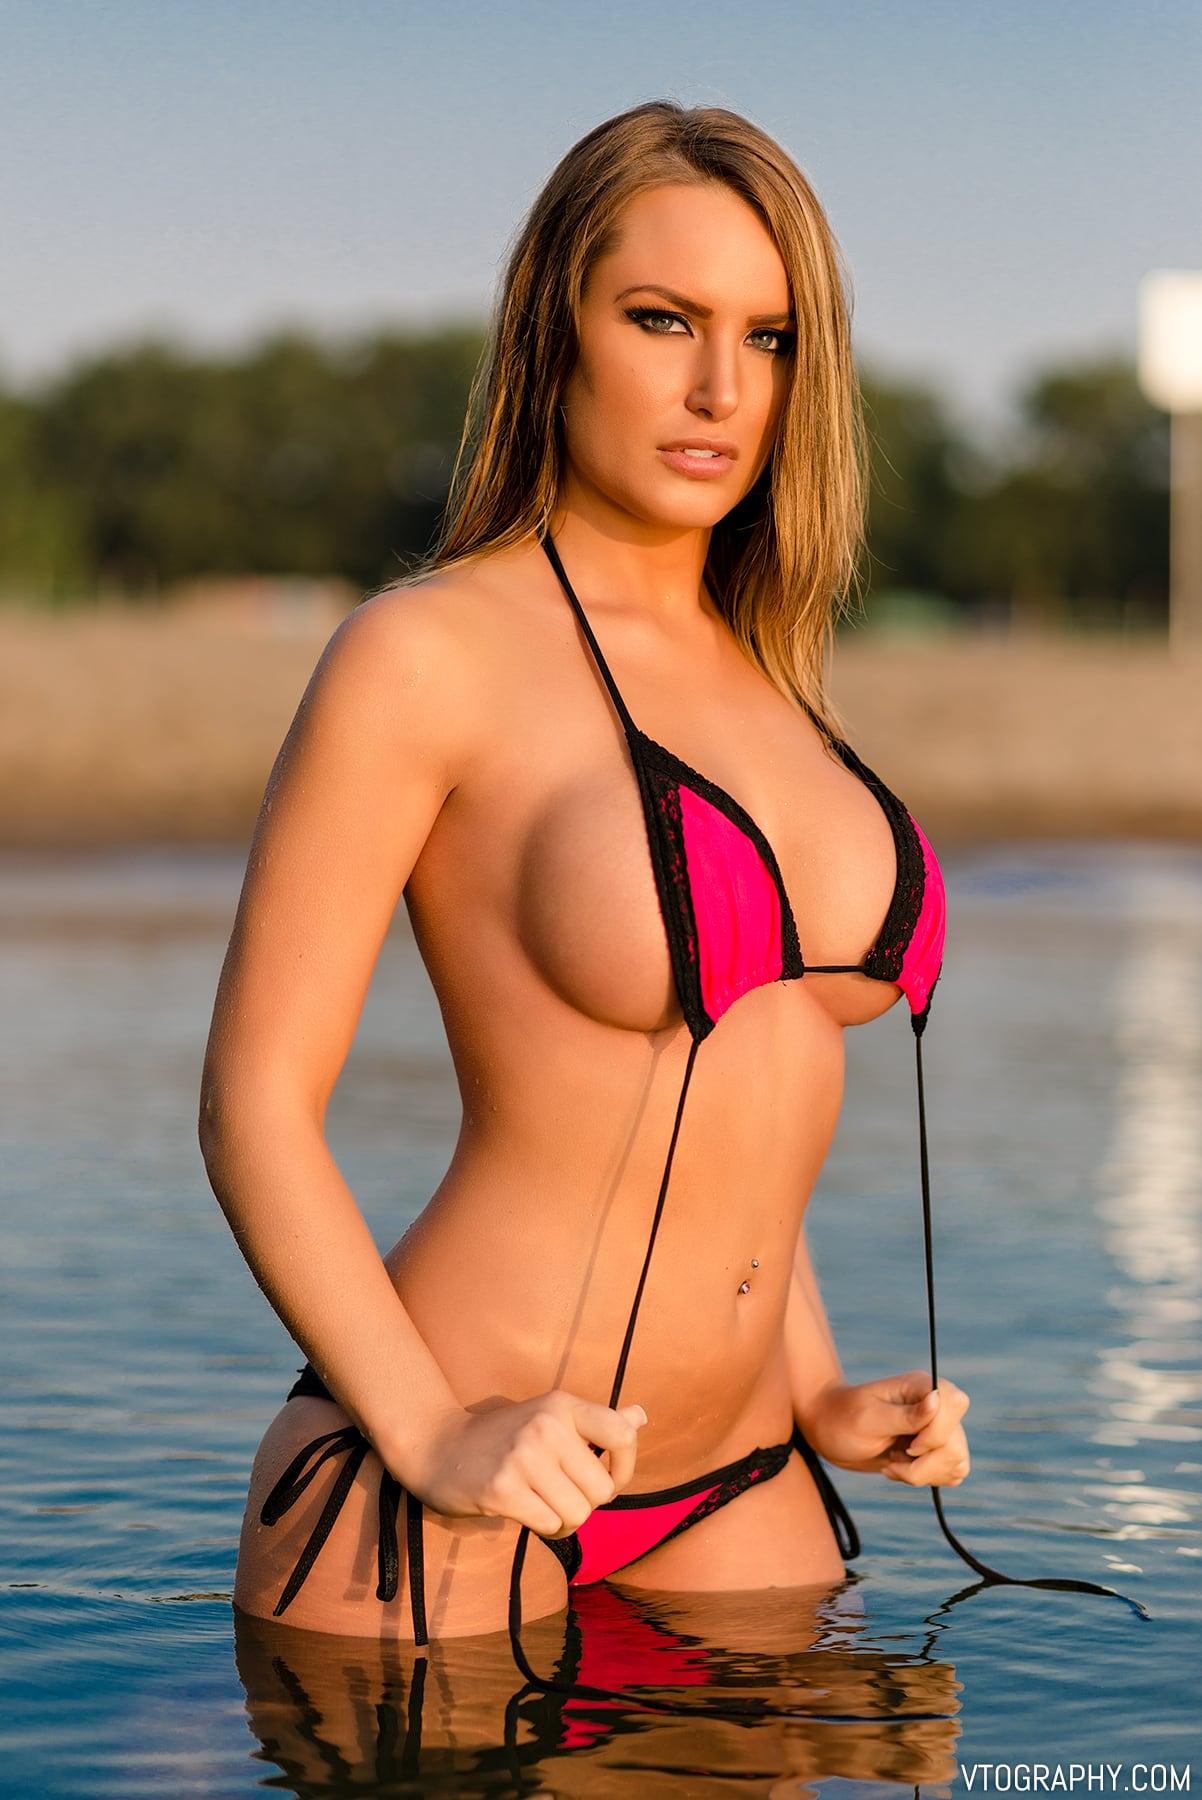 Bikini beach photo shoot with Samantha